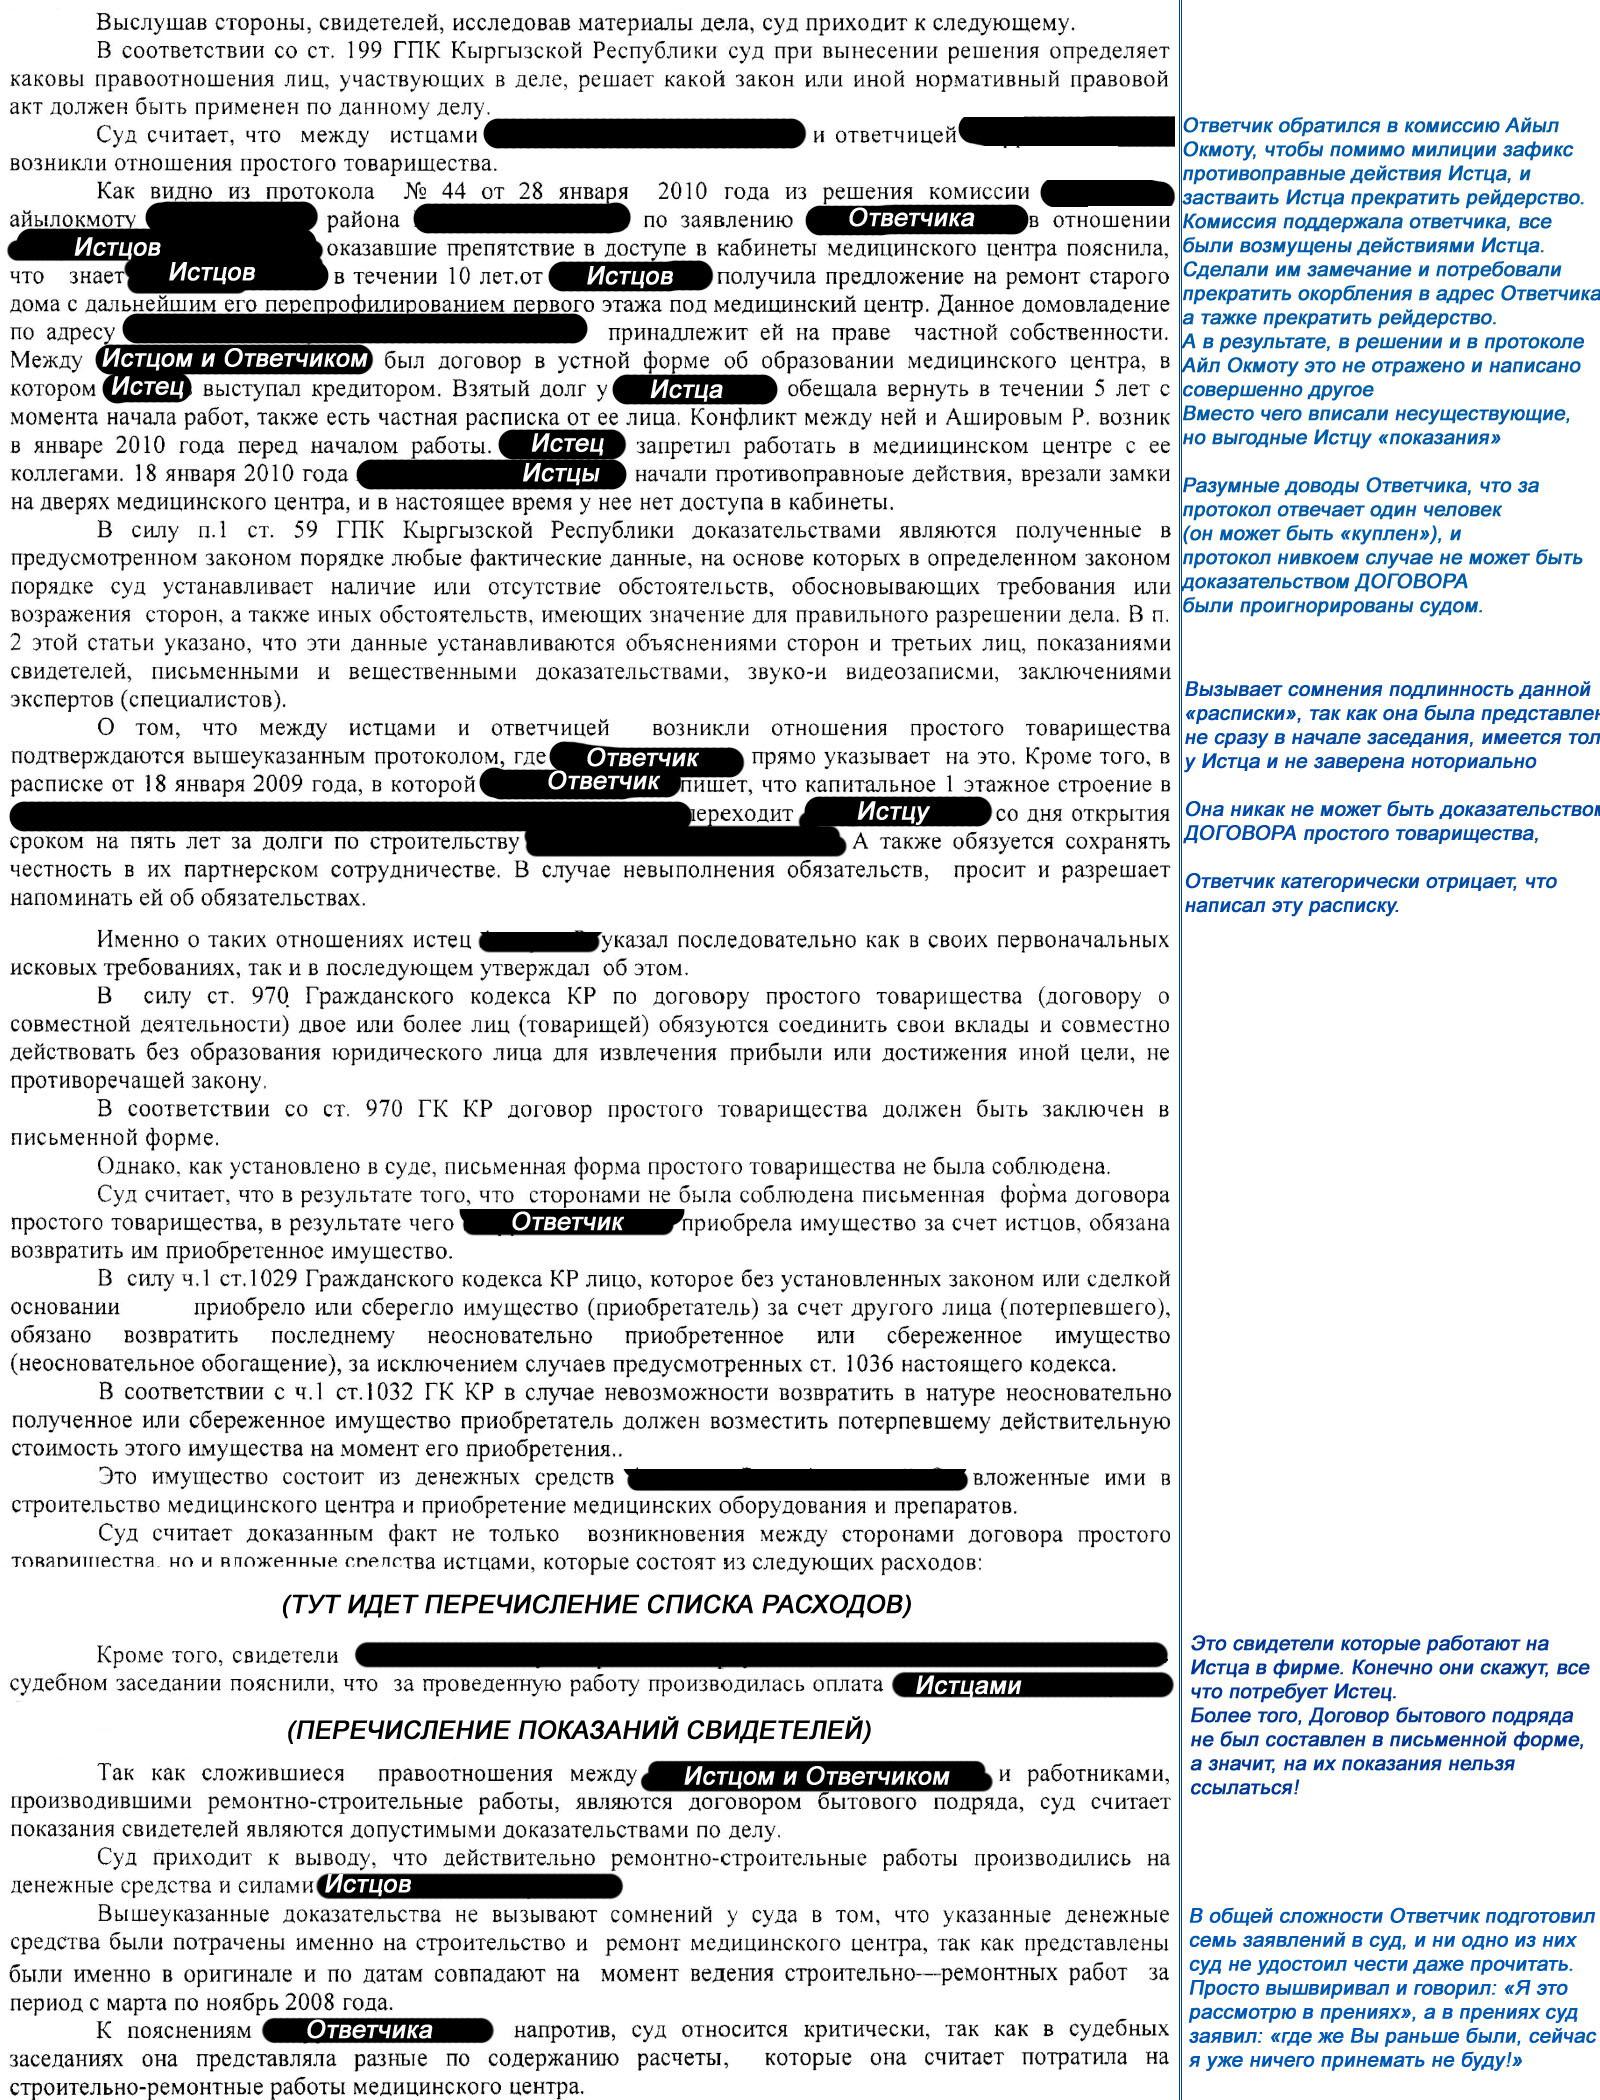 Правовые консультации по делам, связанным с наркотиками. ВИЧ 50